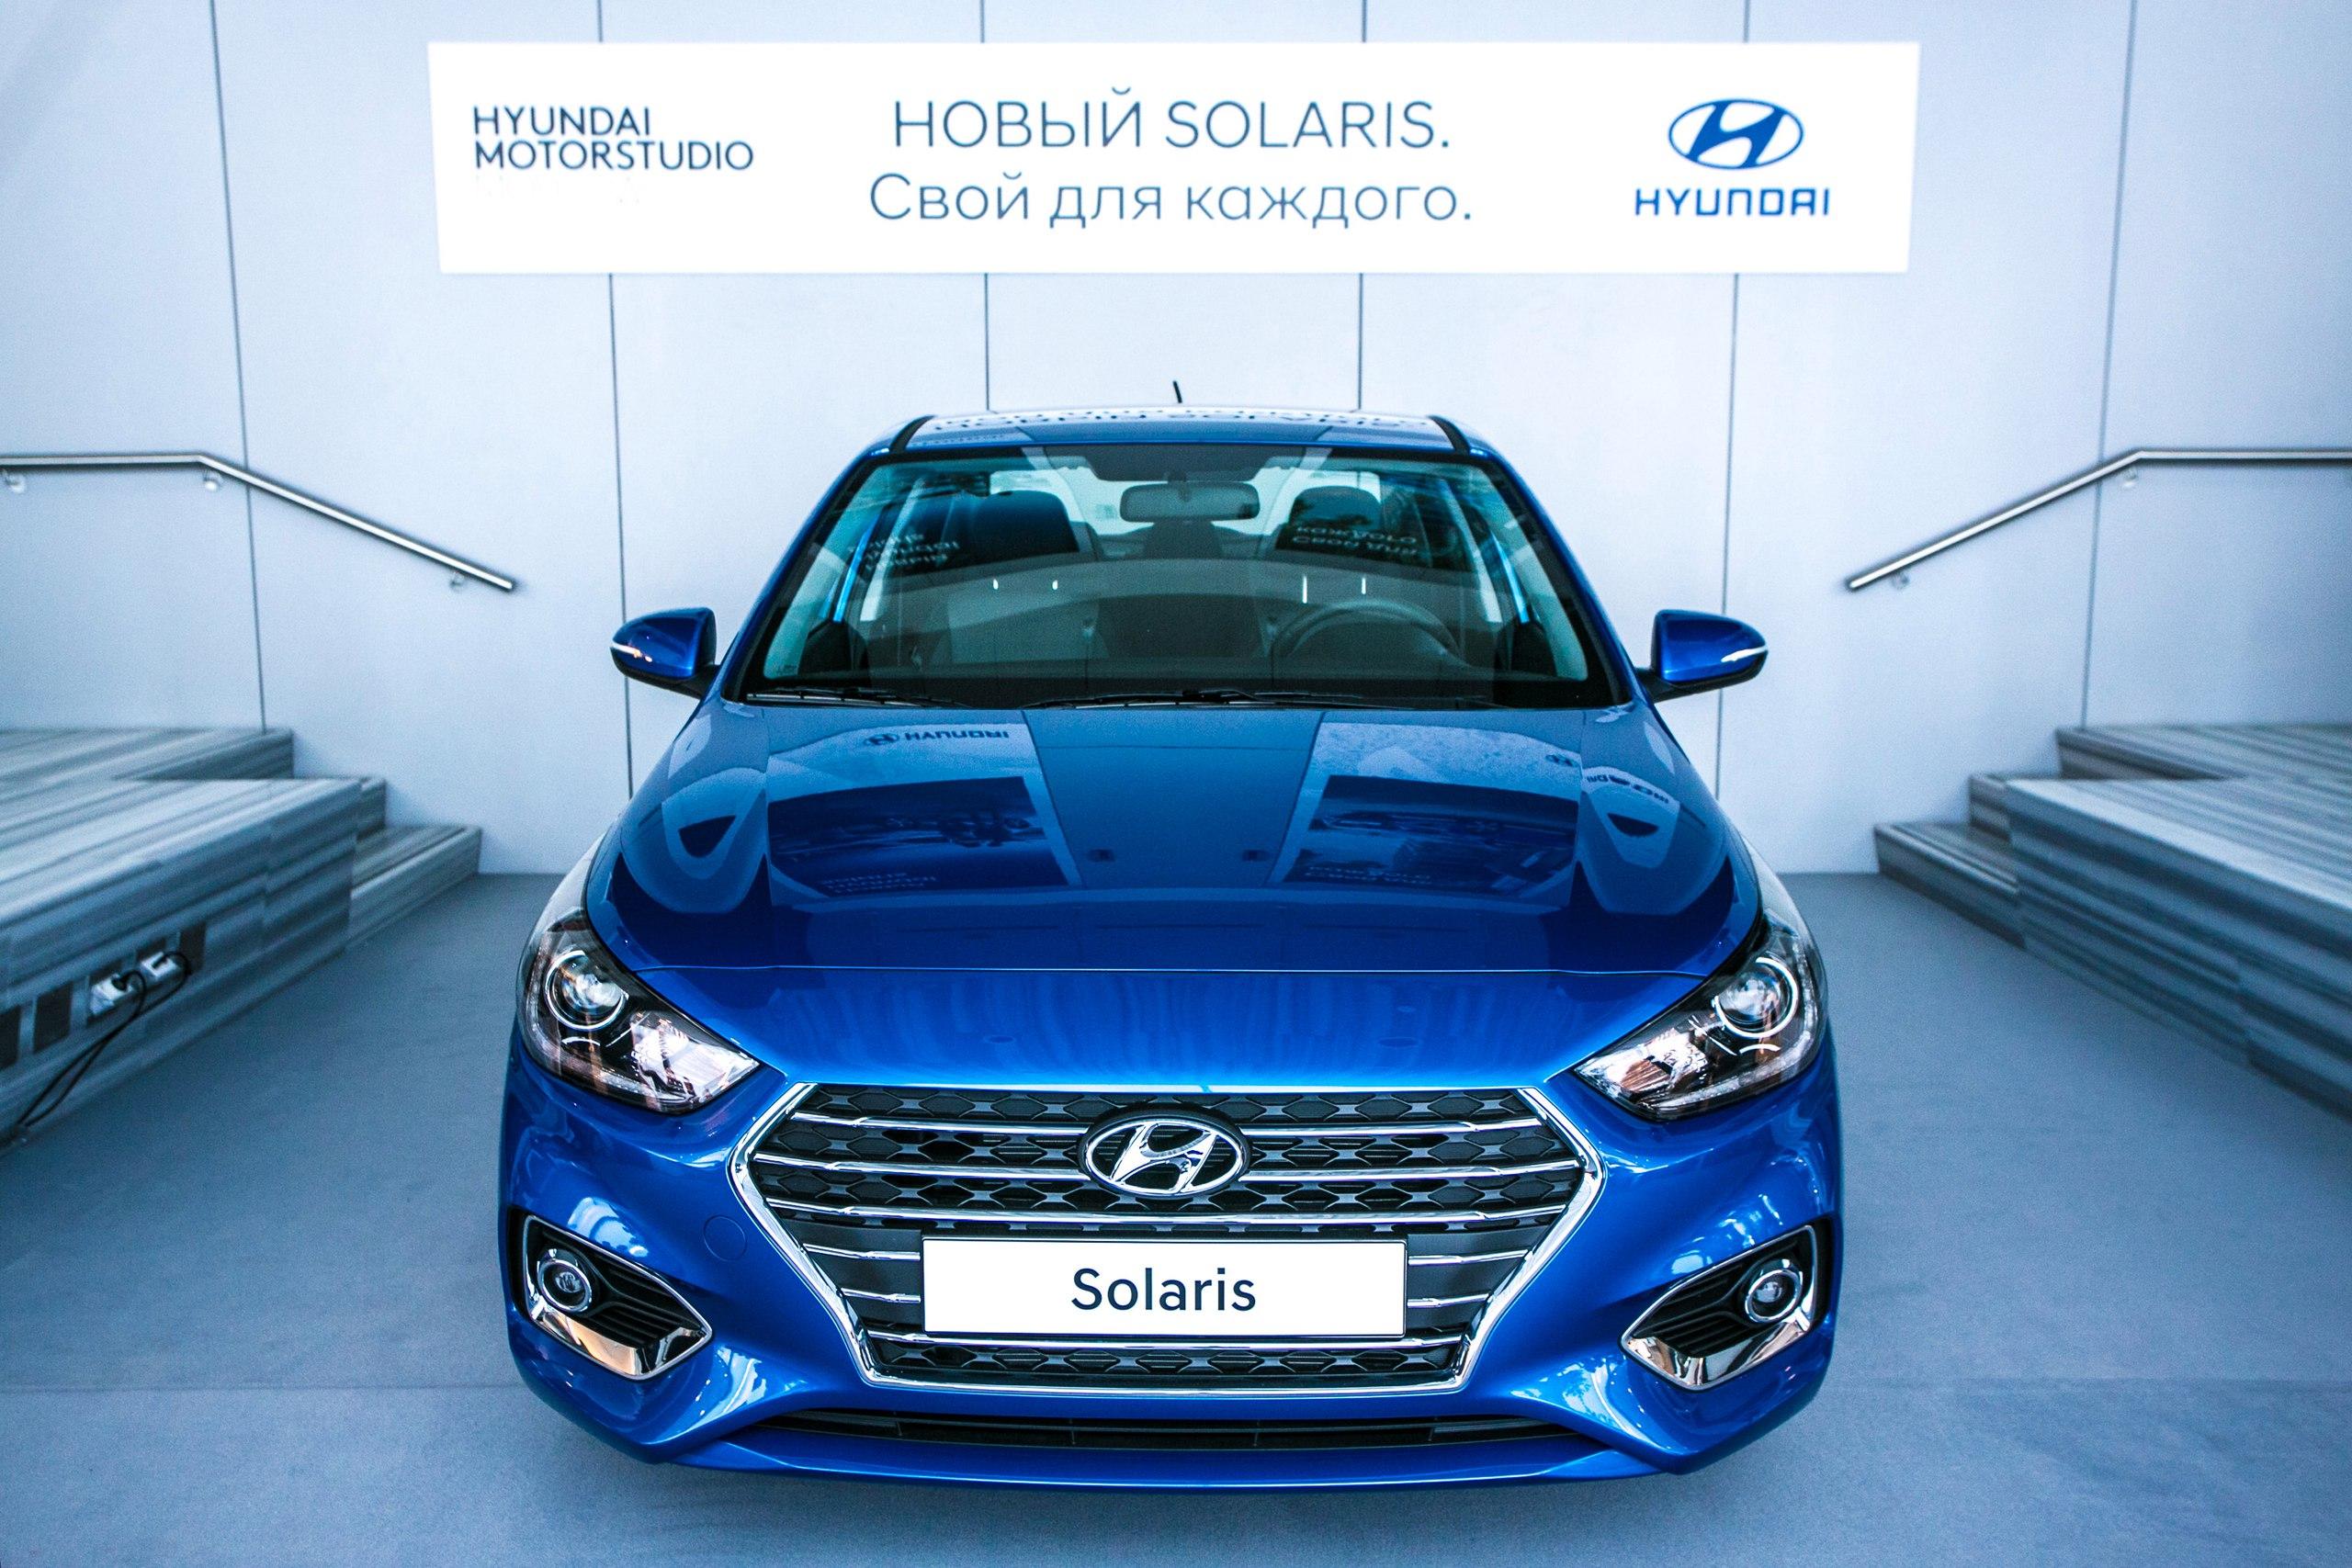 Новый Hyundai Solaris презентуют в КЛЮЧАВТО